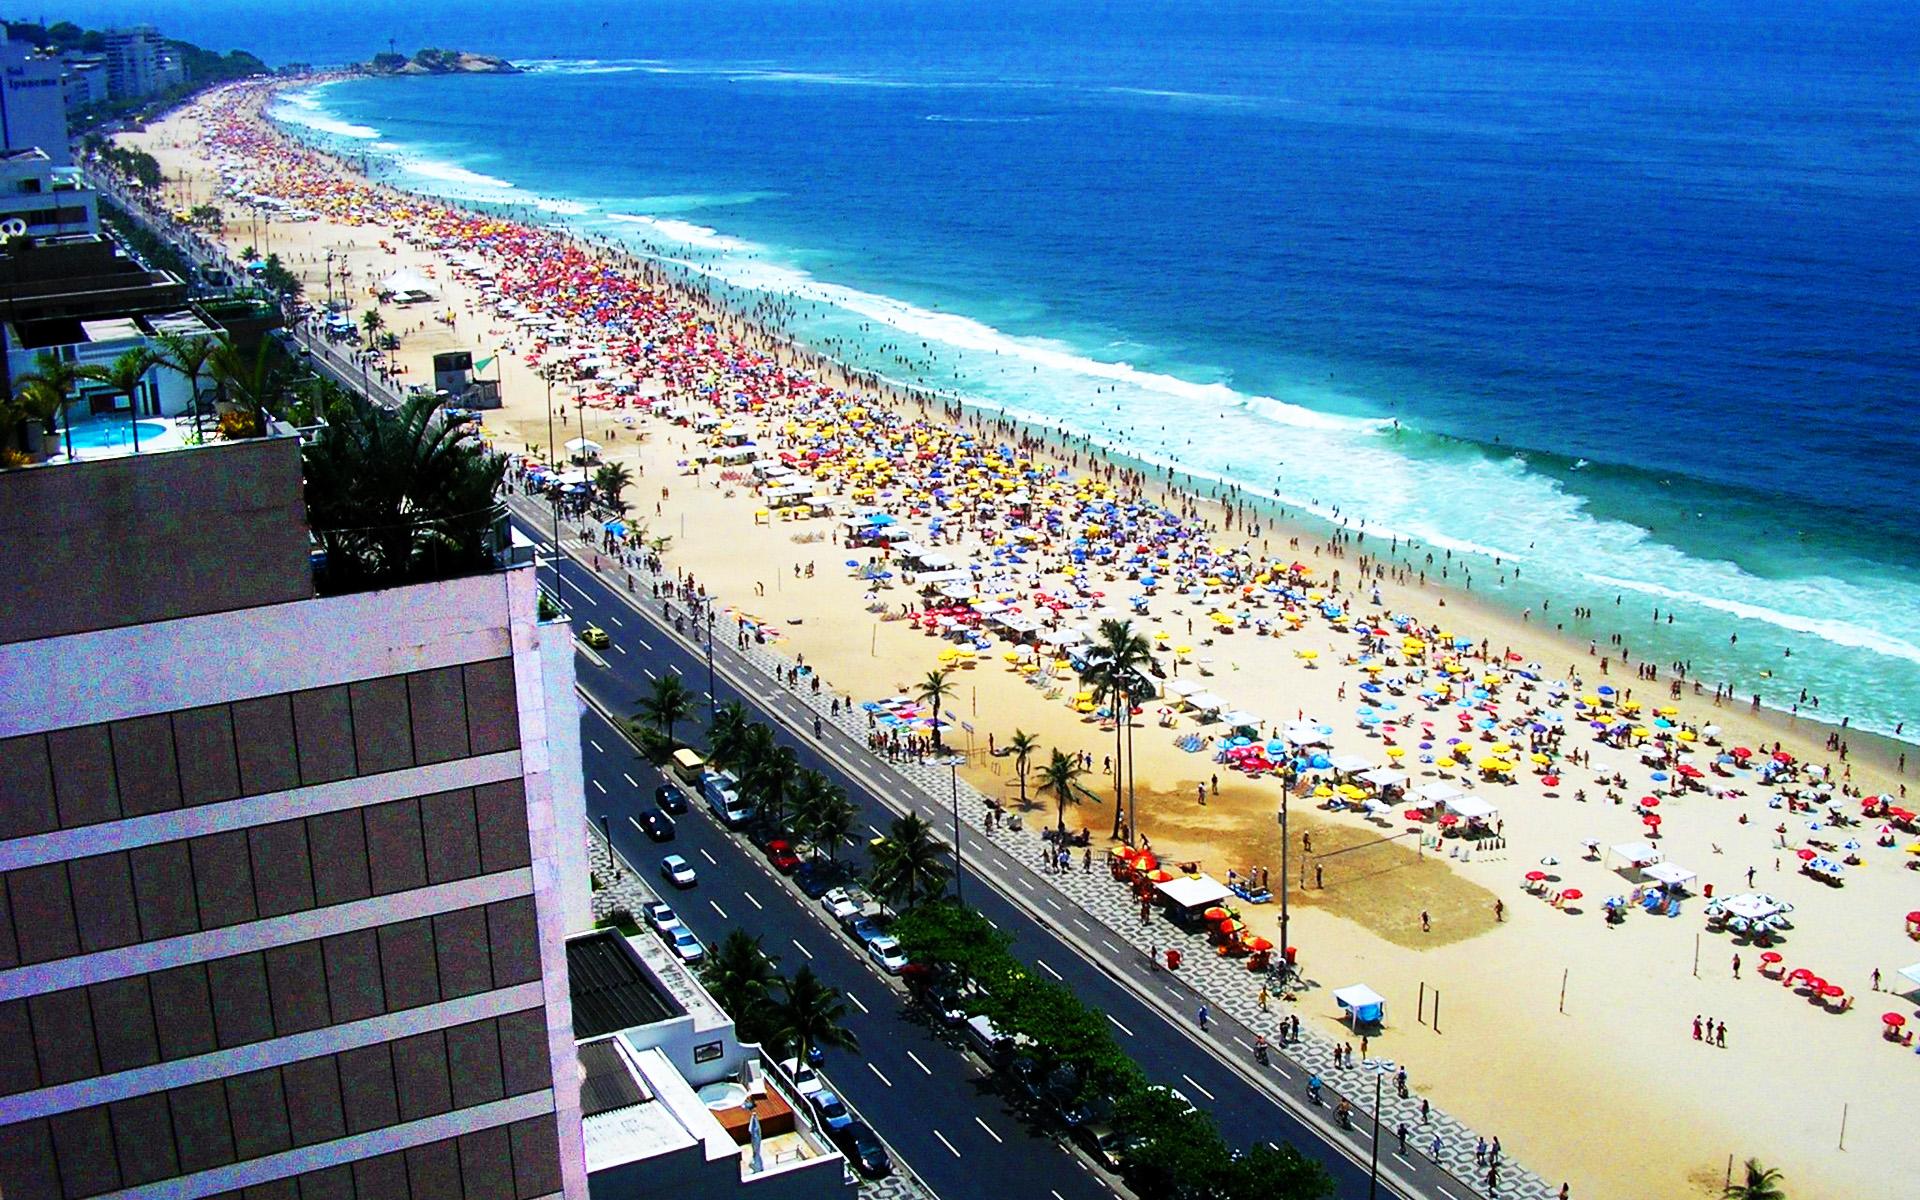 Rio De Janeiro Copacabana Wallpaper Wallpaper with 1920x1200 1920x1200